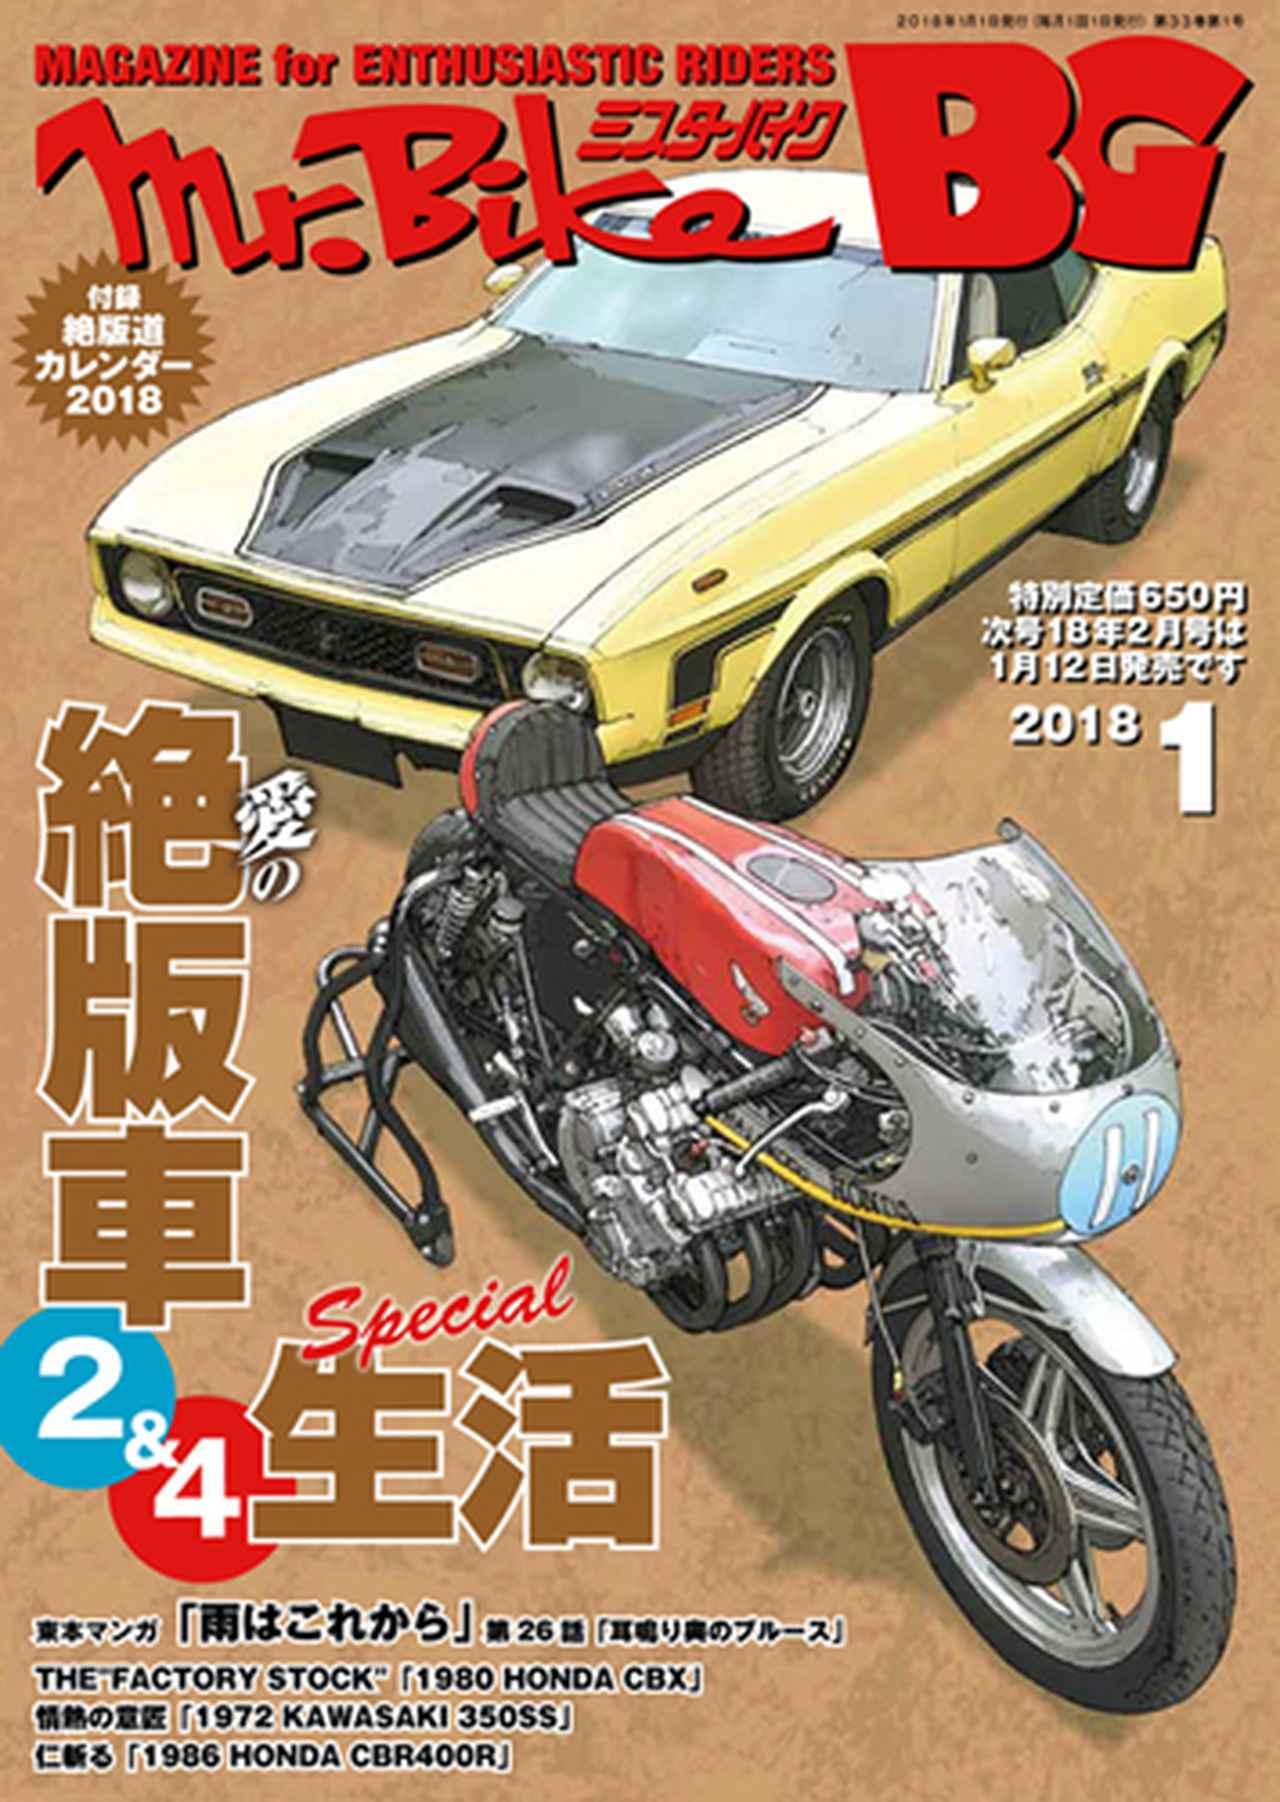 画像: Motor Magazine Ltd. / モーターマガジン社 / Mr.Bike BG  2018年 1月号